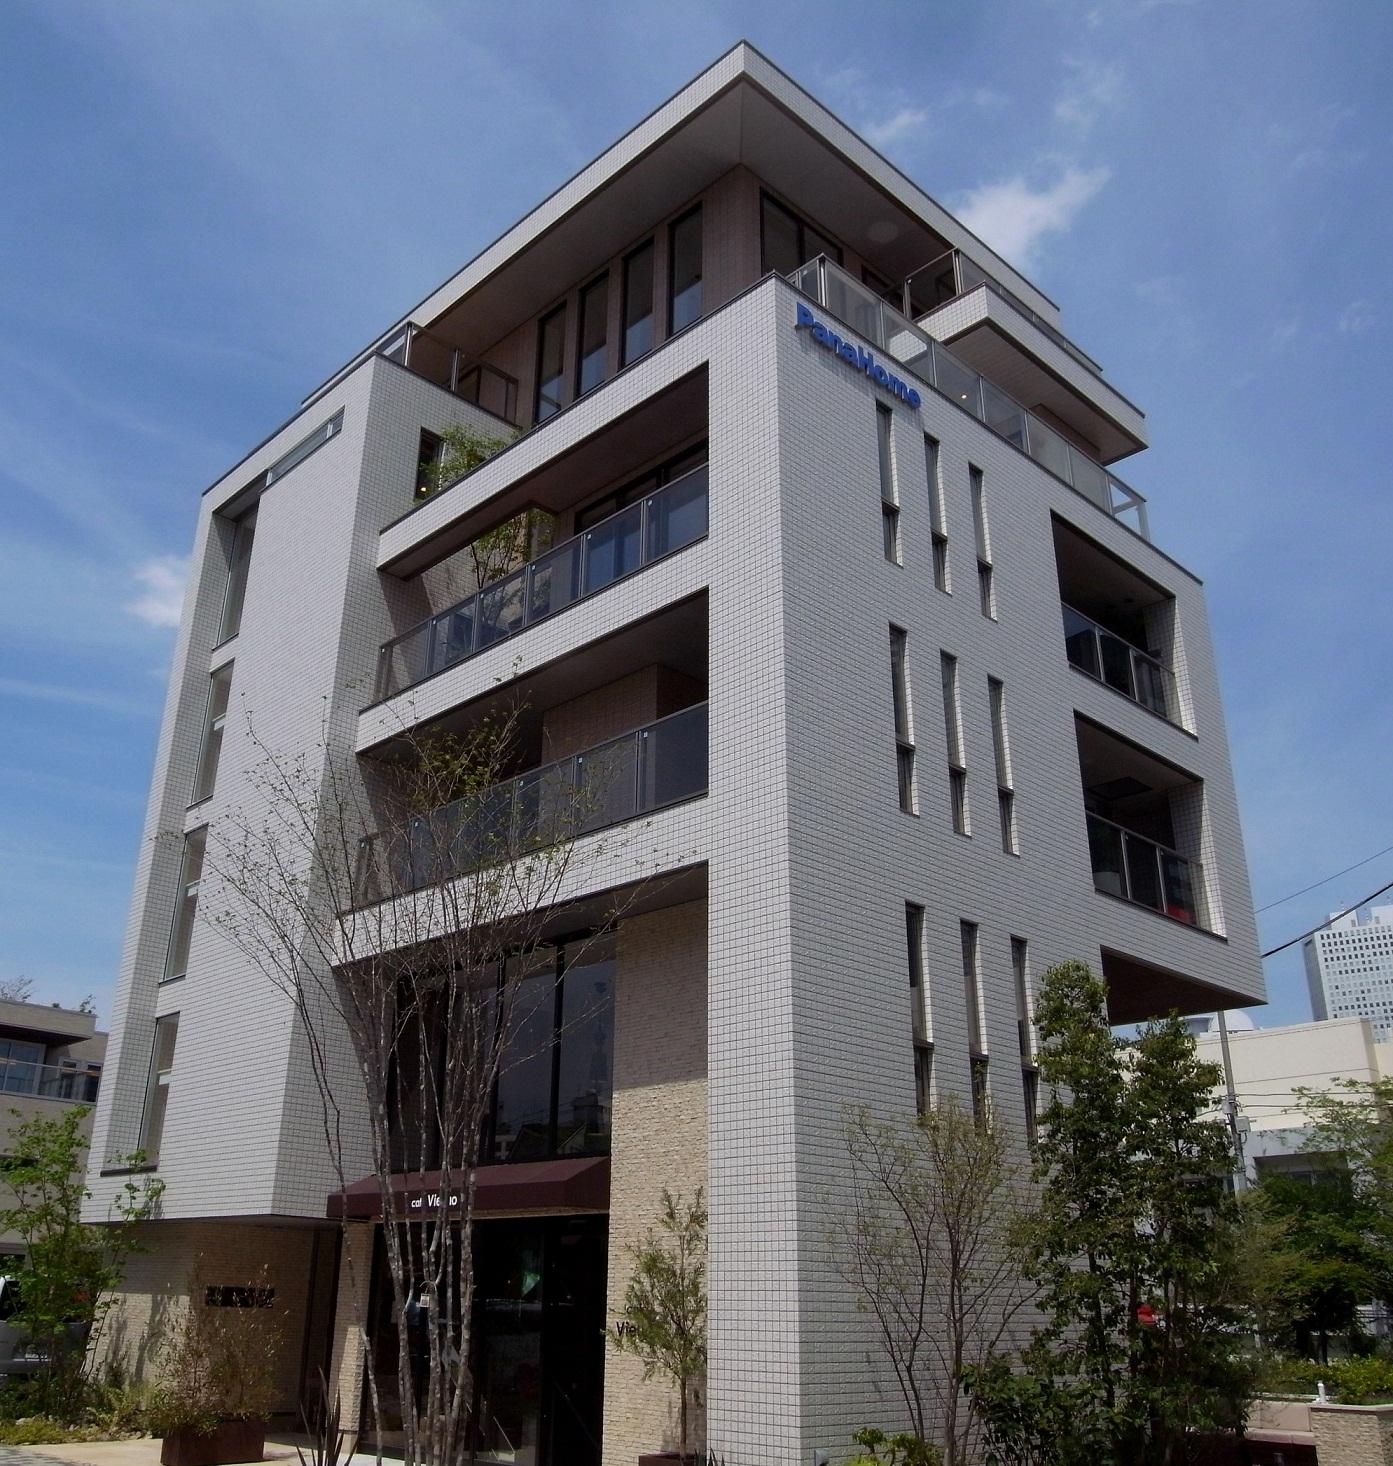 【パナホーム】『Vieuno PRO』6階建 新宿展示場